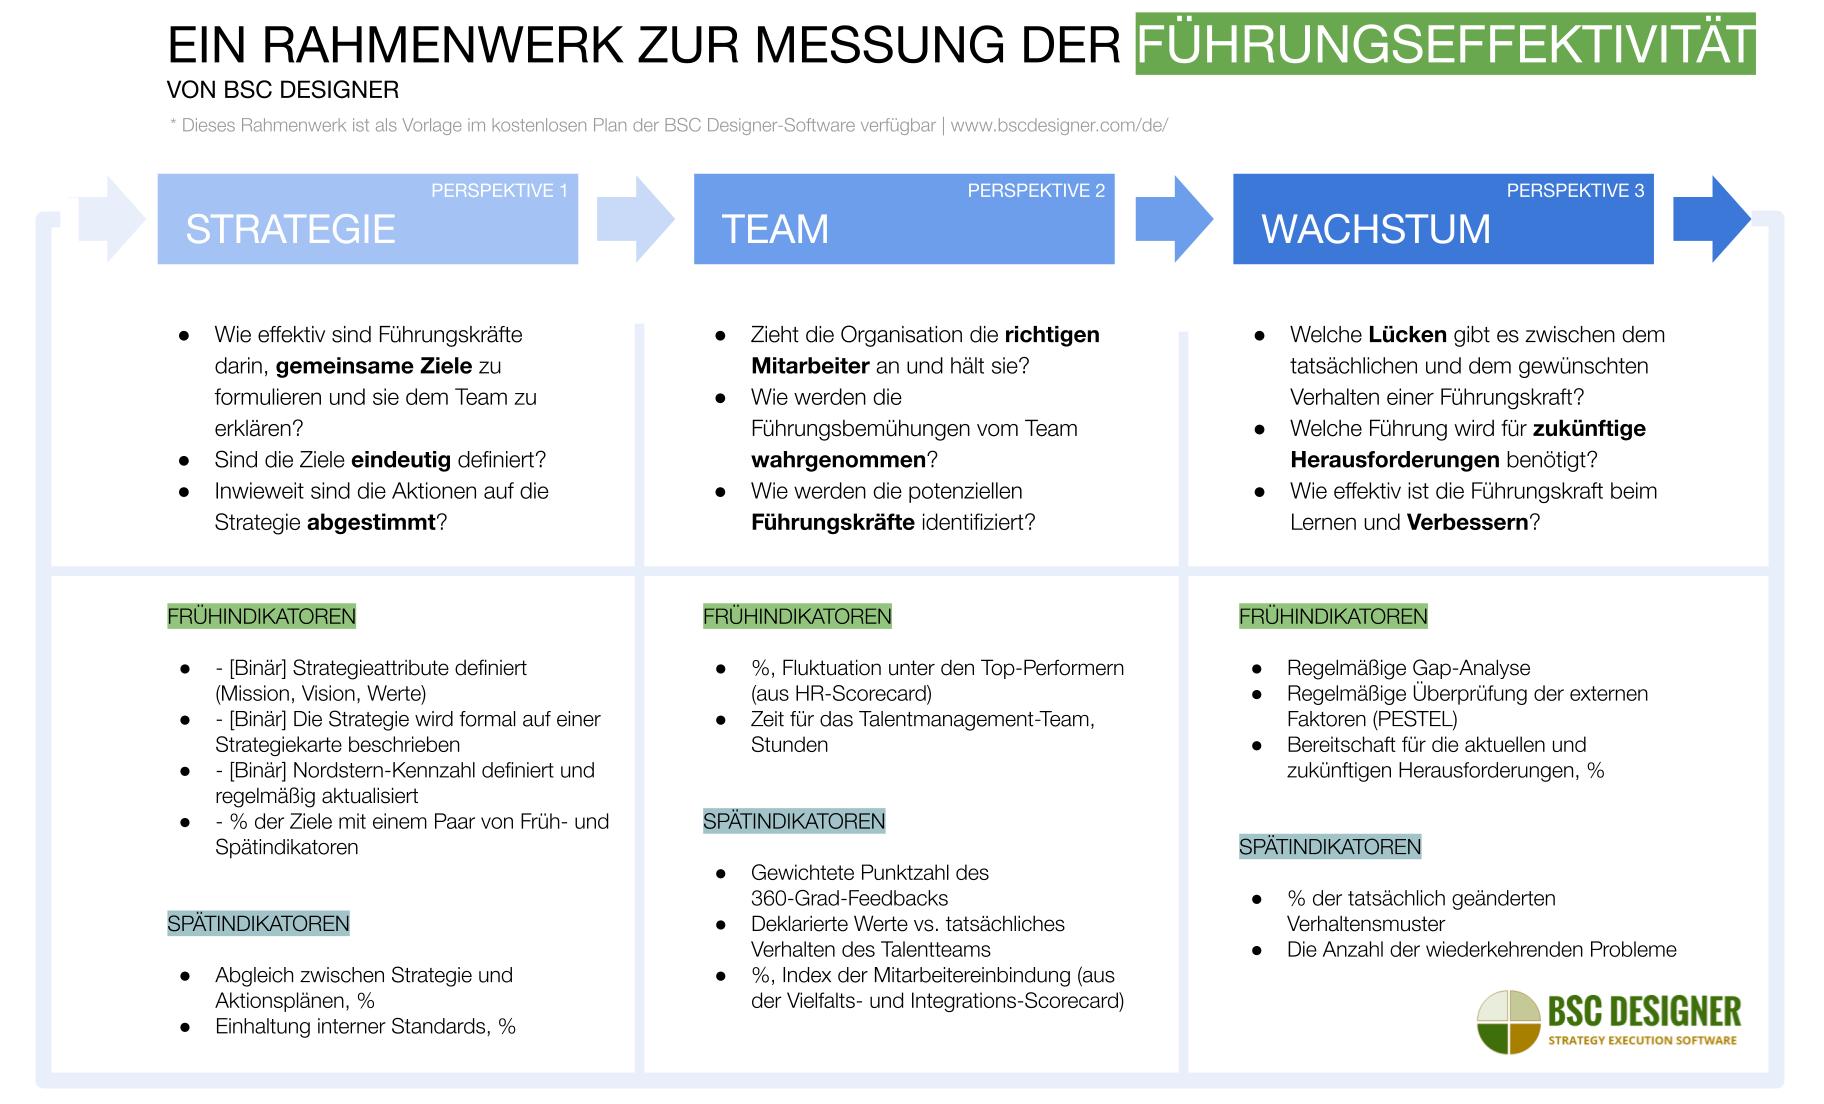 Ein Rahmenwerk zur Messung der Führungseffektivität von BSC Designer